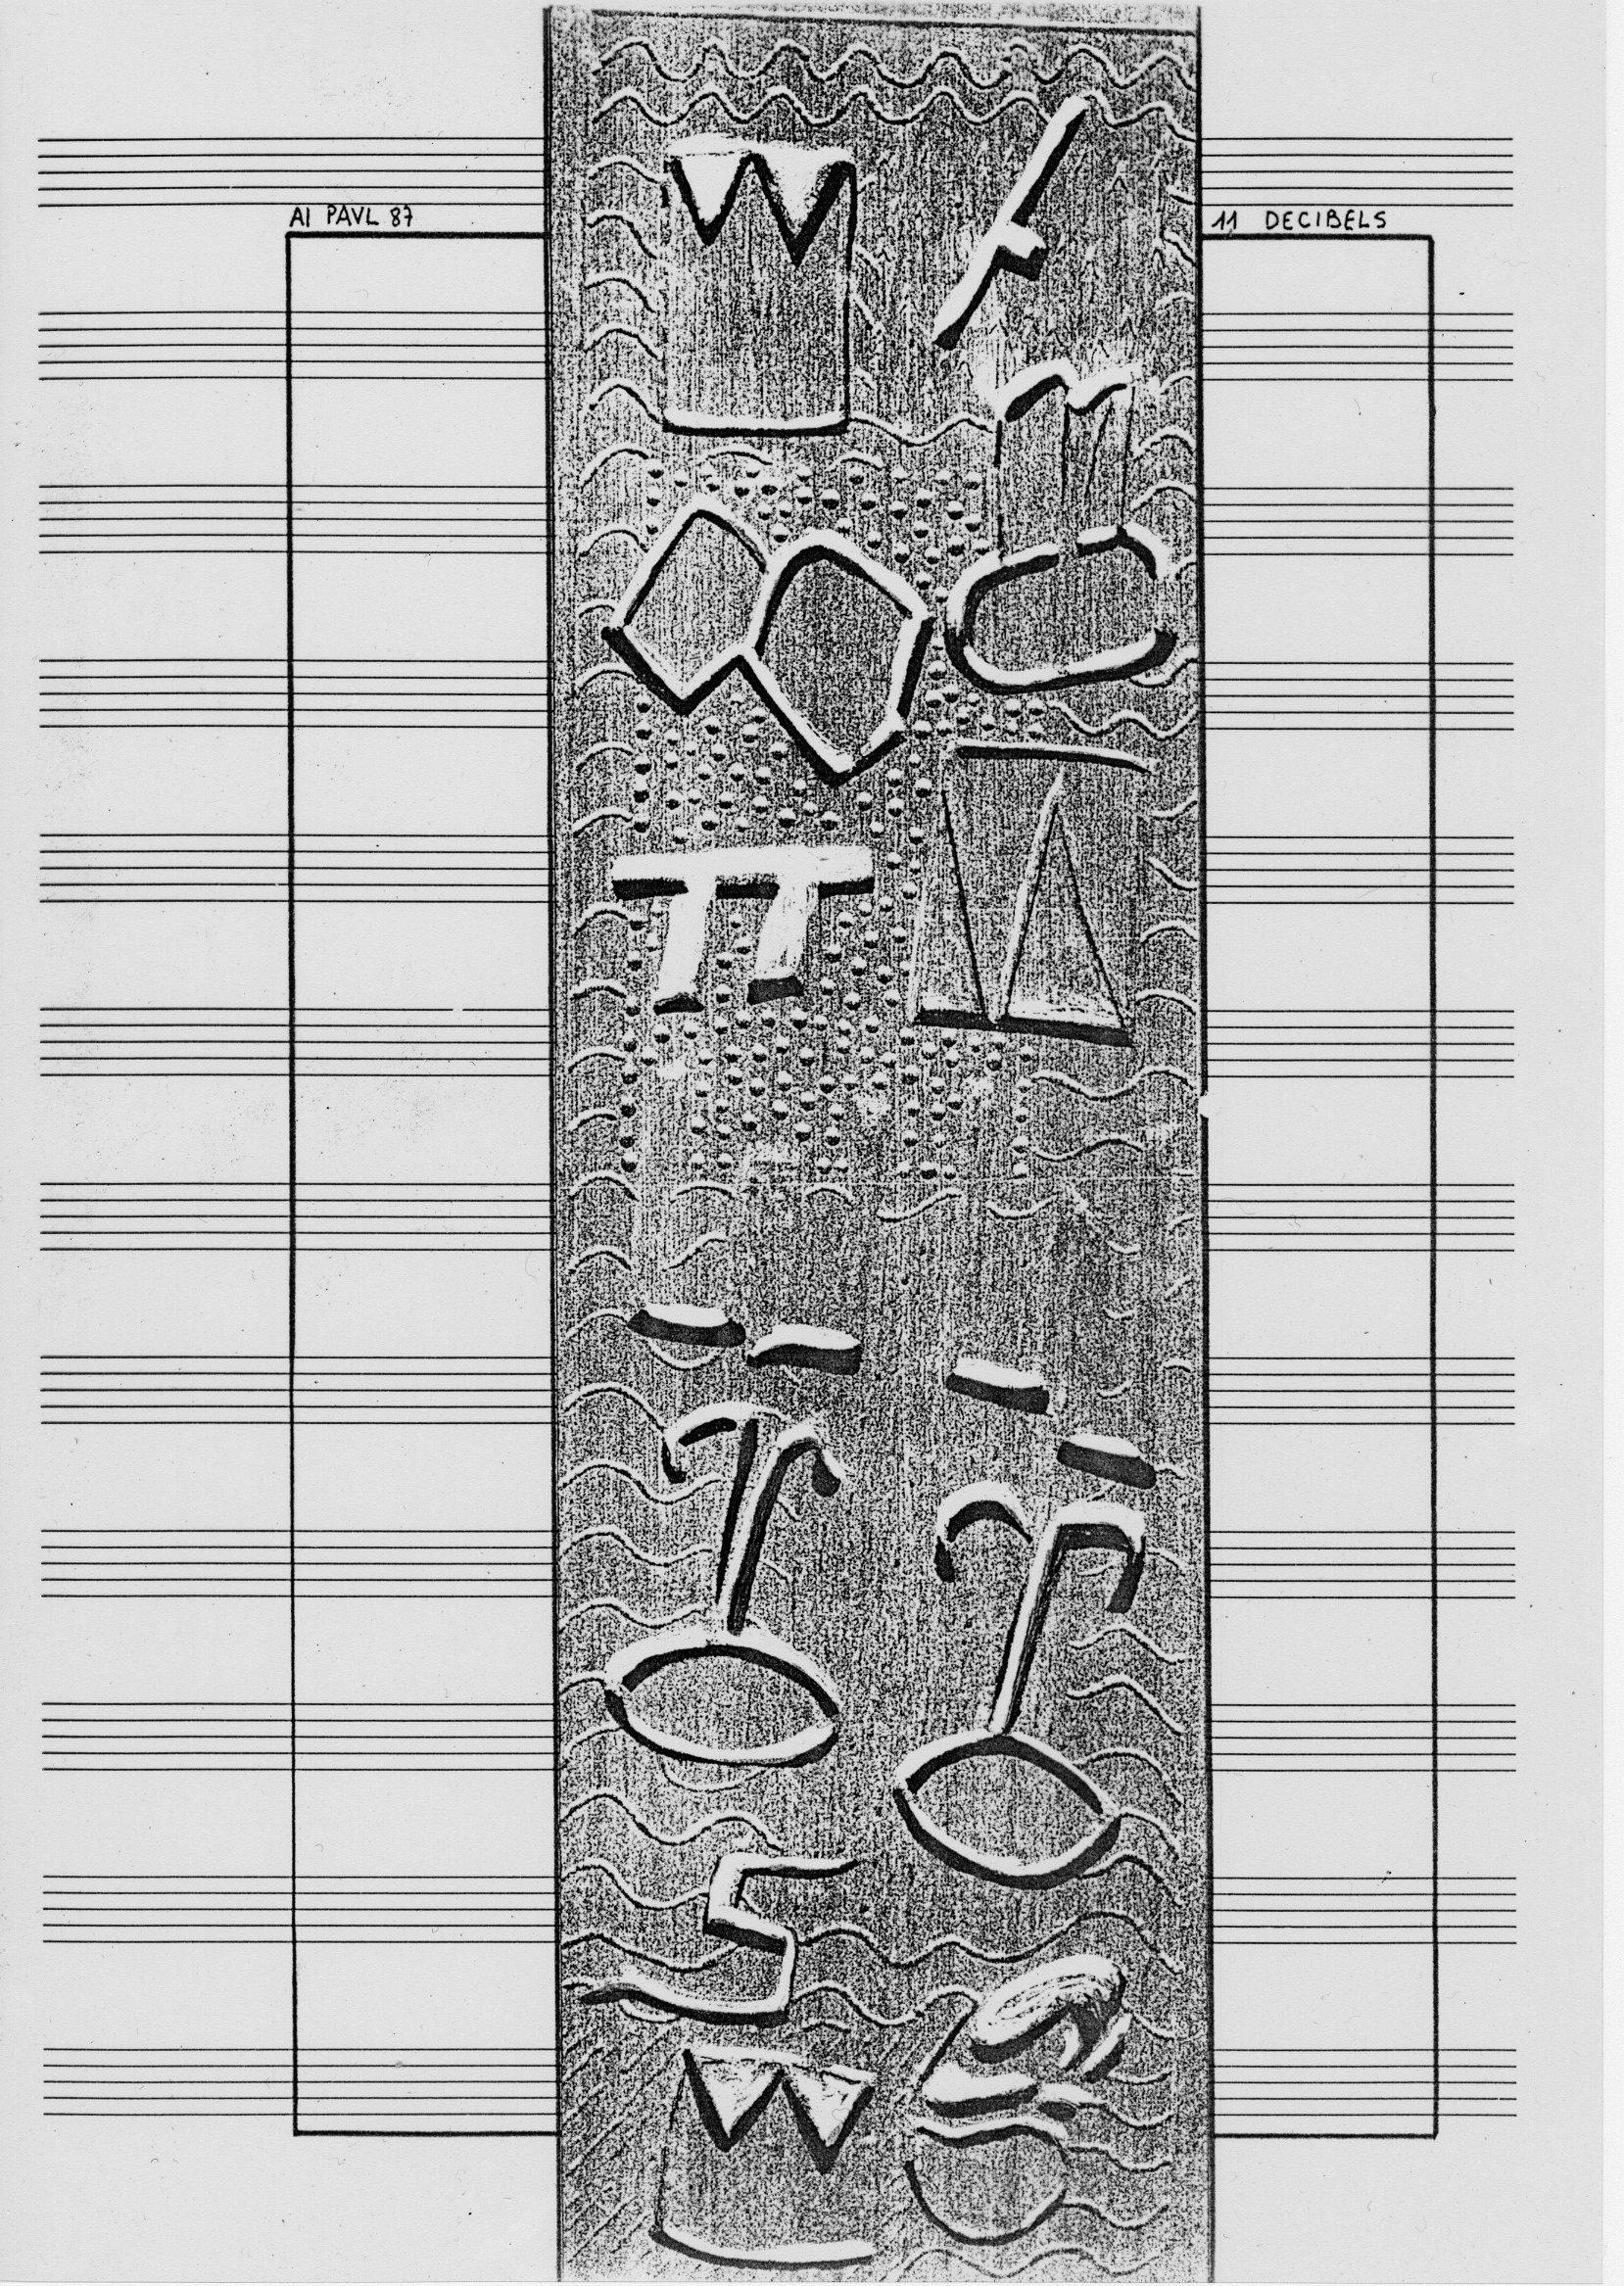 page Registre n°7 hors texte  A. Pavl 11 DECIBELS